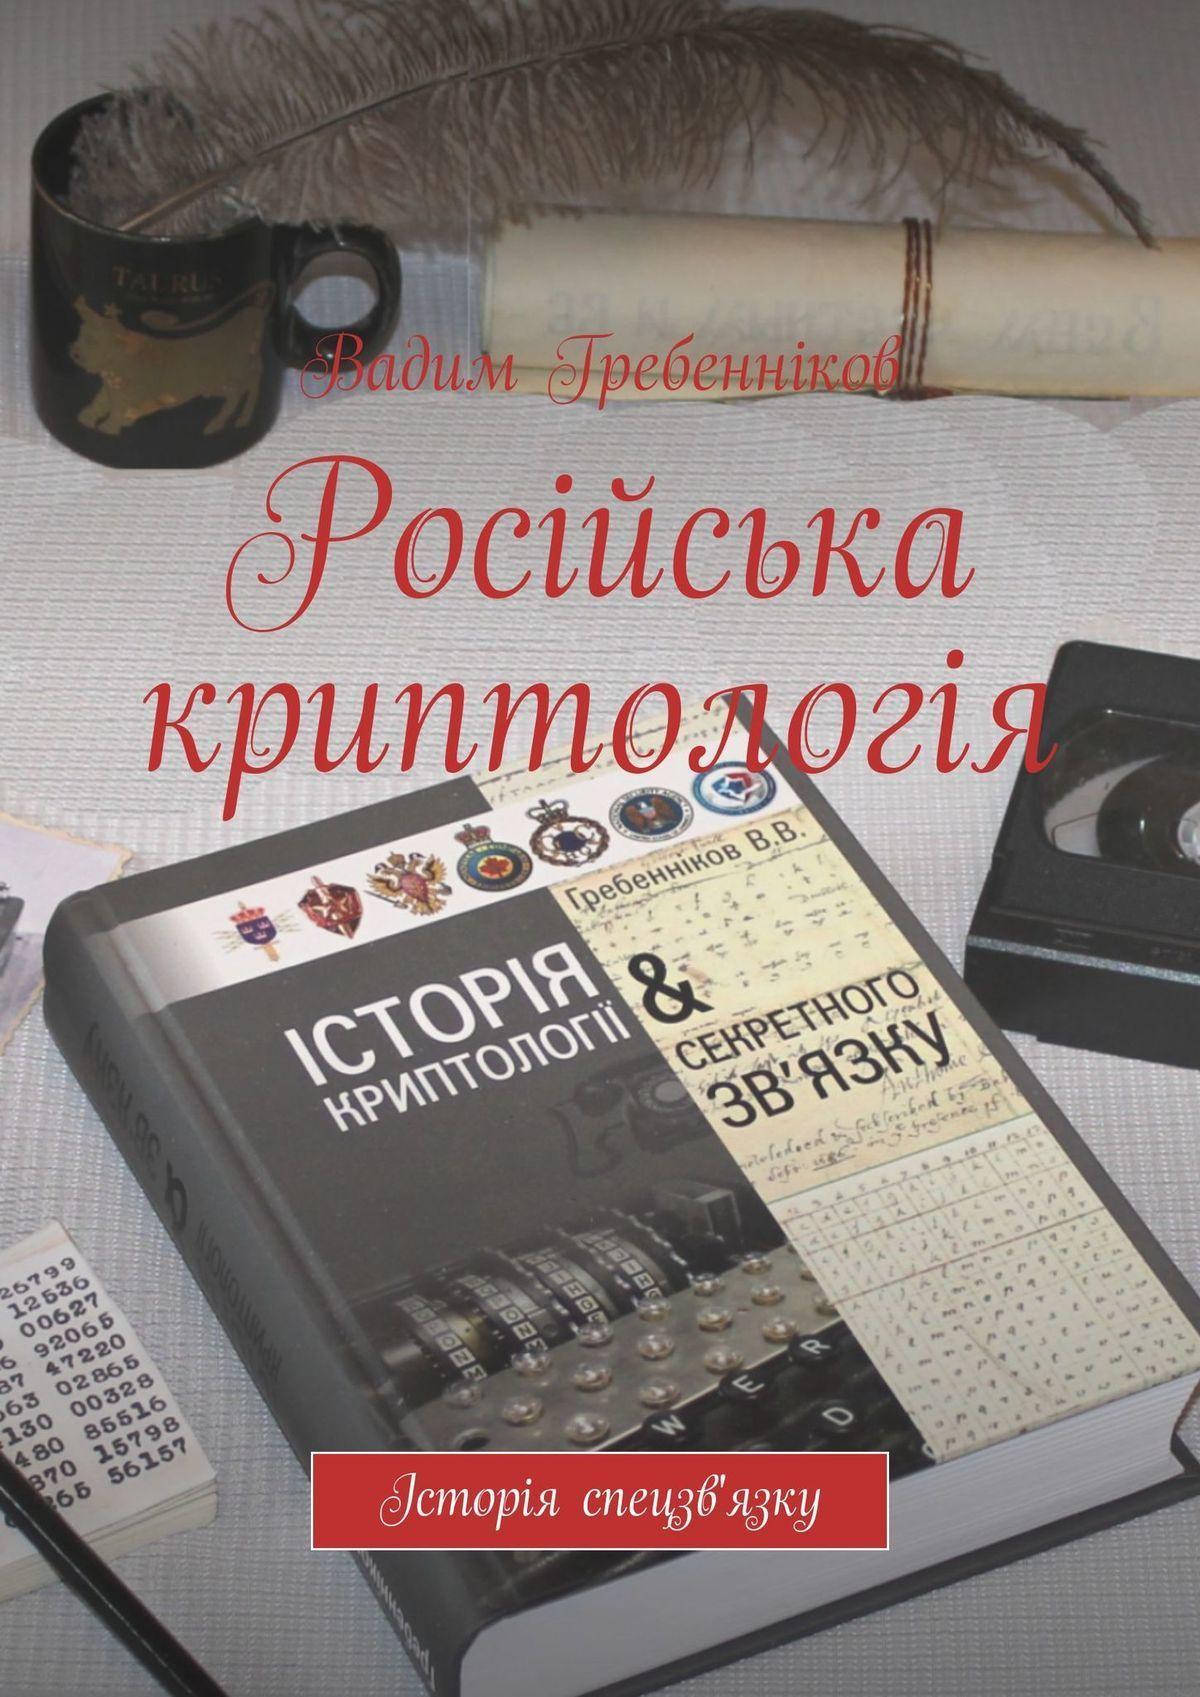 Російська криптологія